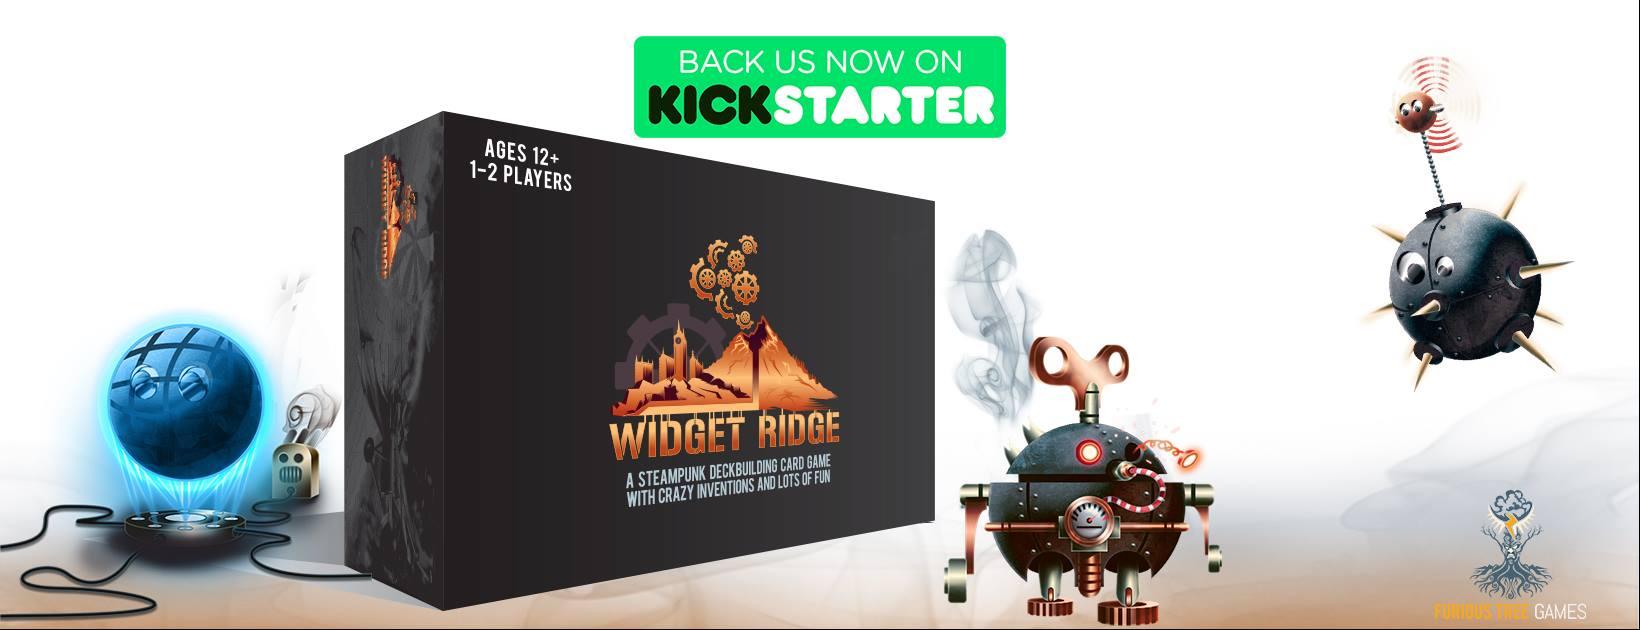 quali sono le regole di widget ridge